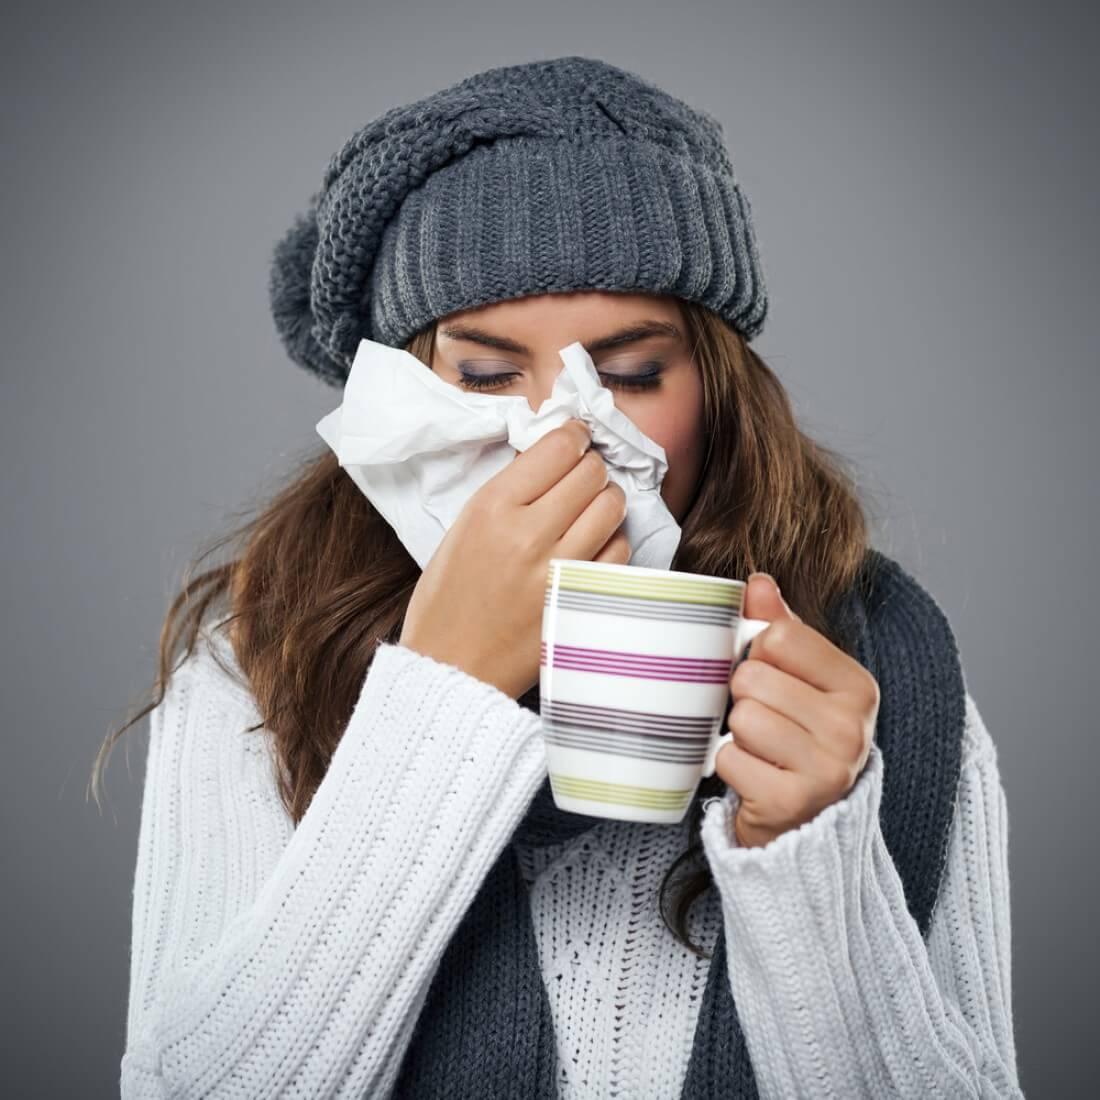 Продуло затылок как лечить в домашних условиях. Что делать если продуло голову? Причины и возможные поражения